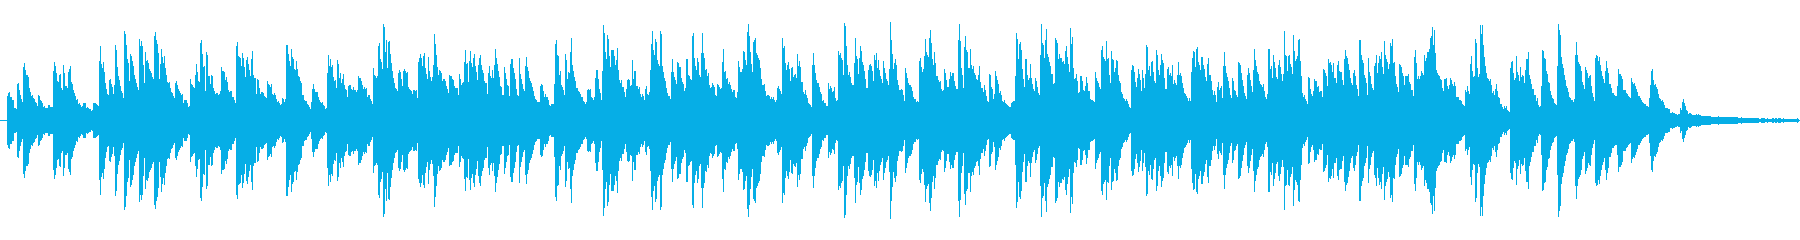 少しブルージーな「アメイジンググレイス」の再生済みの波形